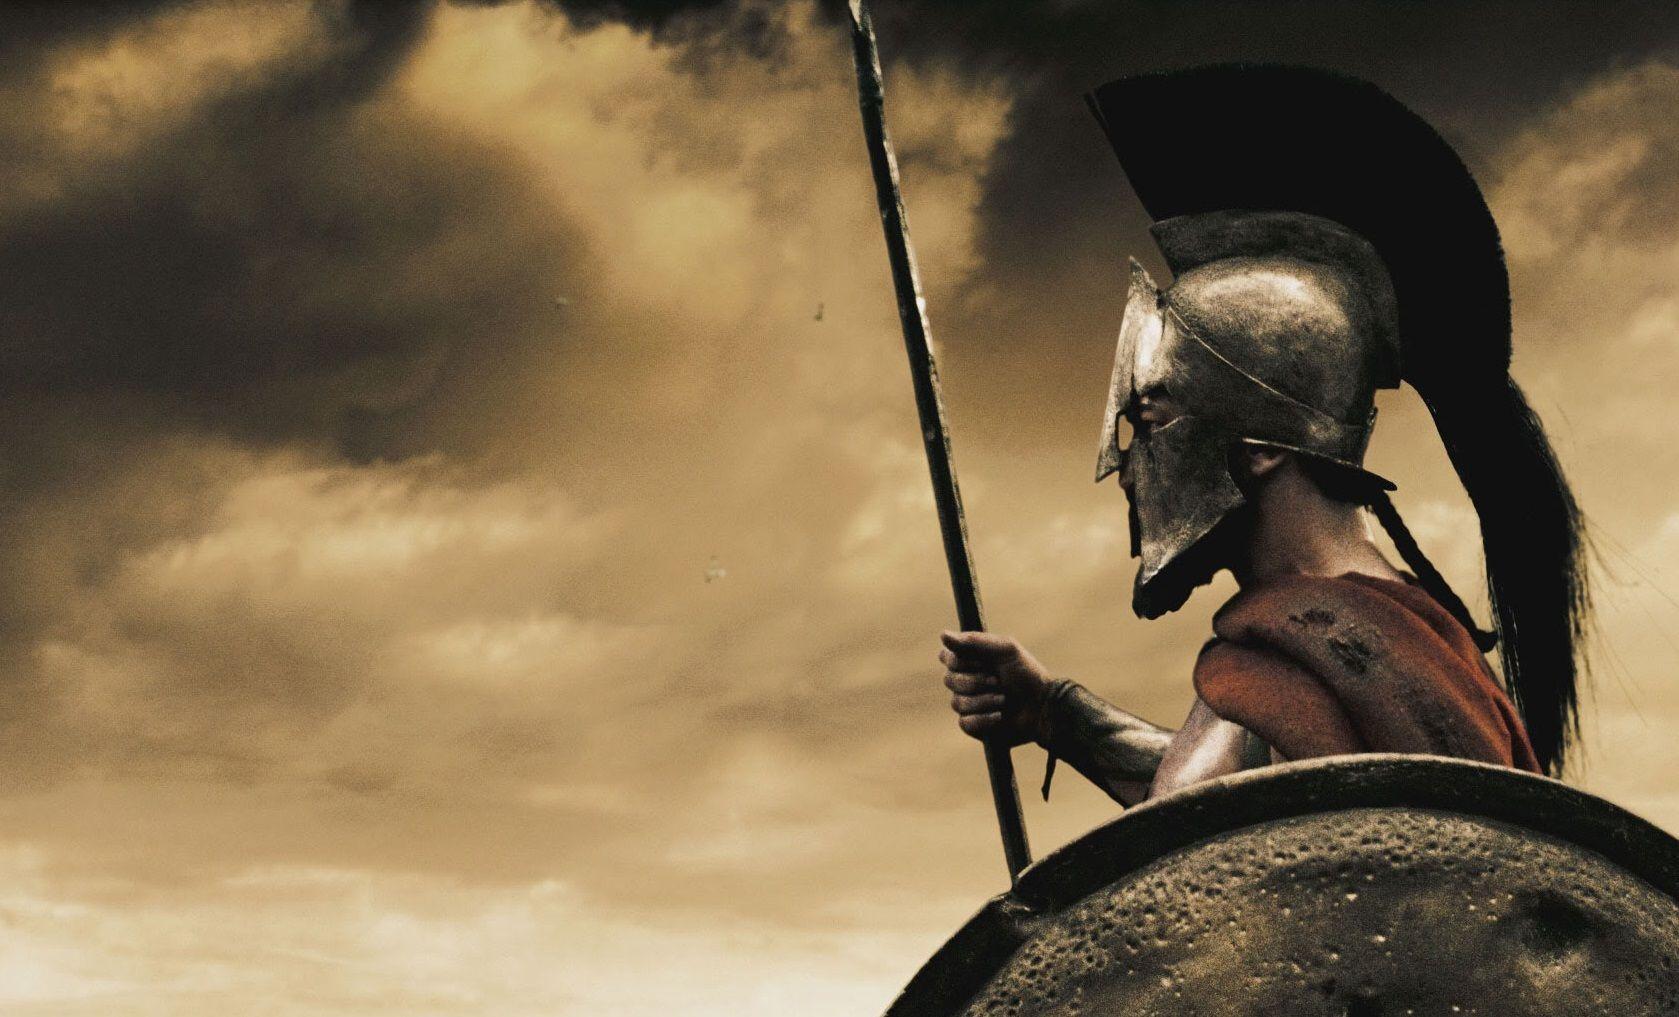 9. Spartan Serf Killing